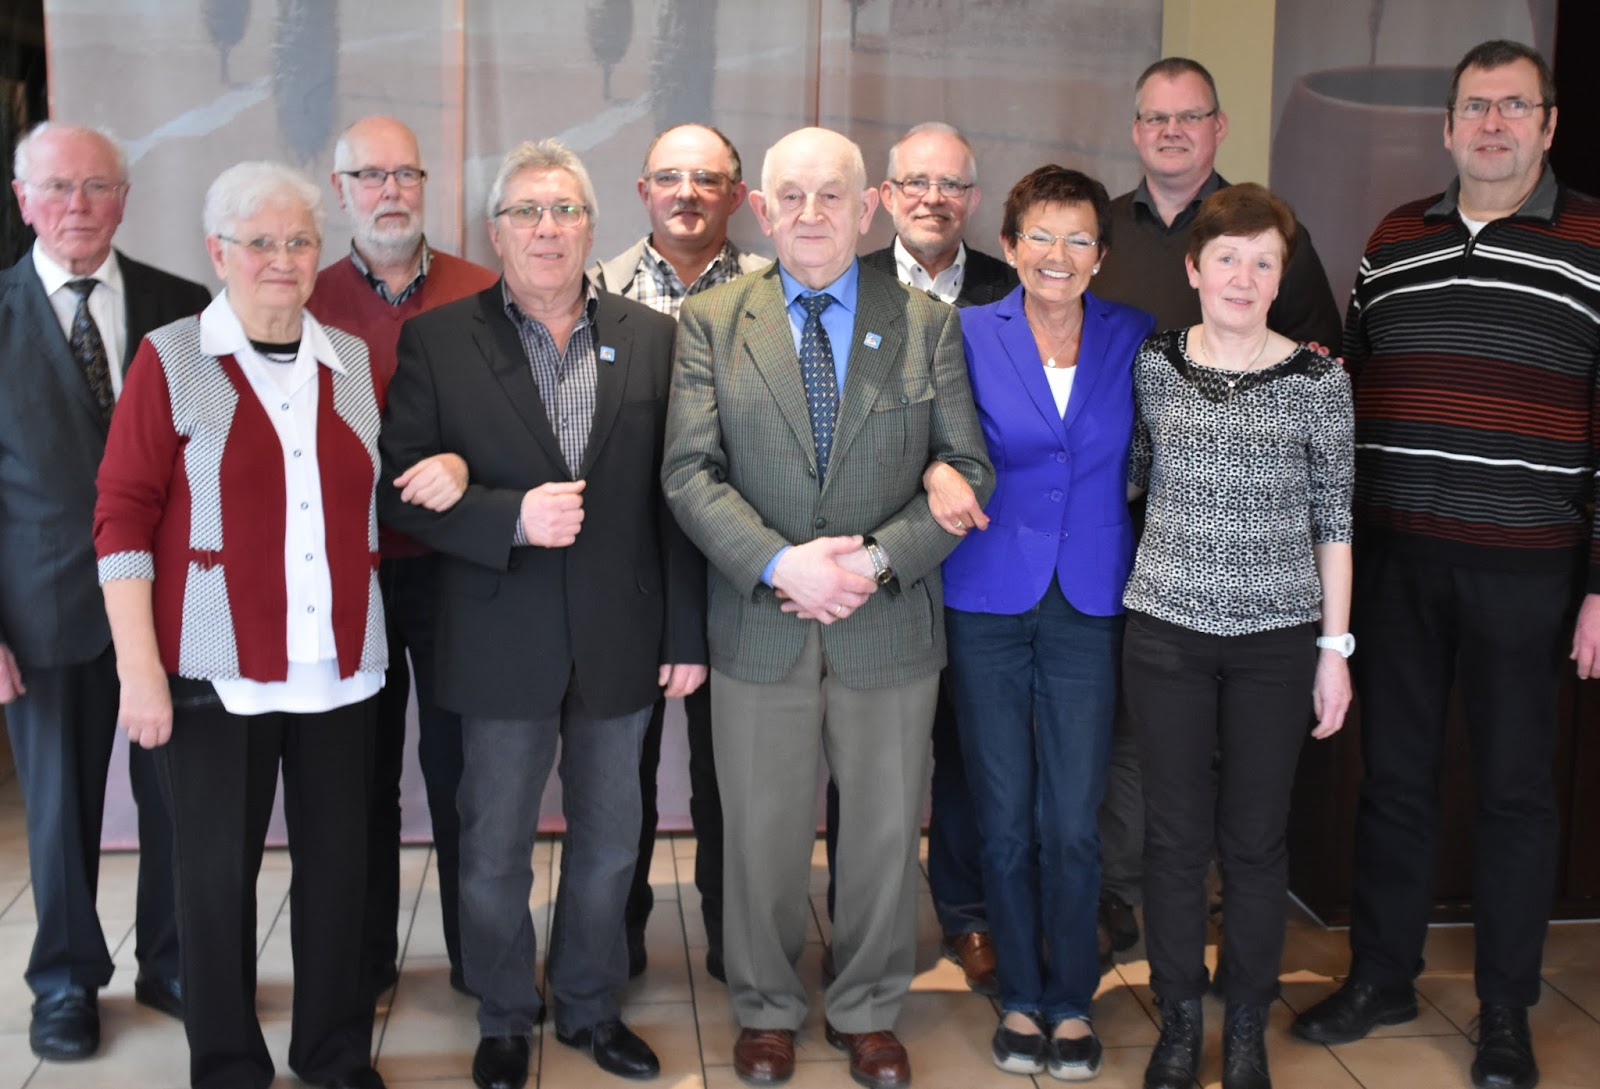 Elte: Hubert Wältring 16 Jahre Vorsitzender des Heimatvereins Elte